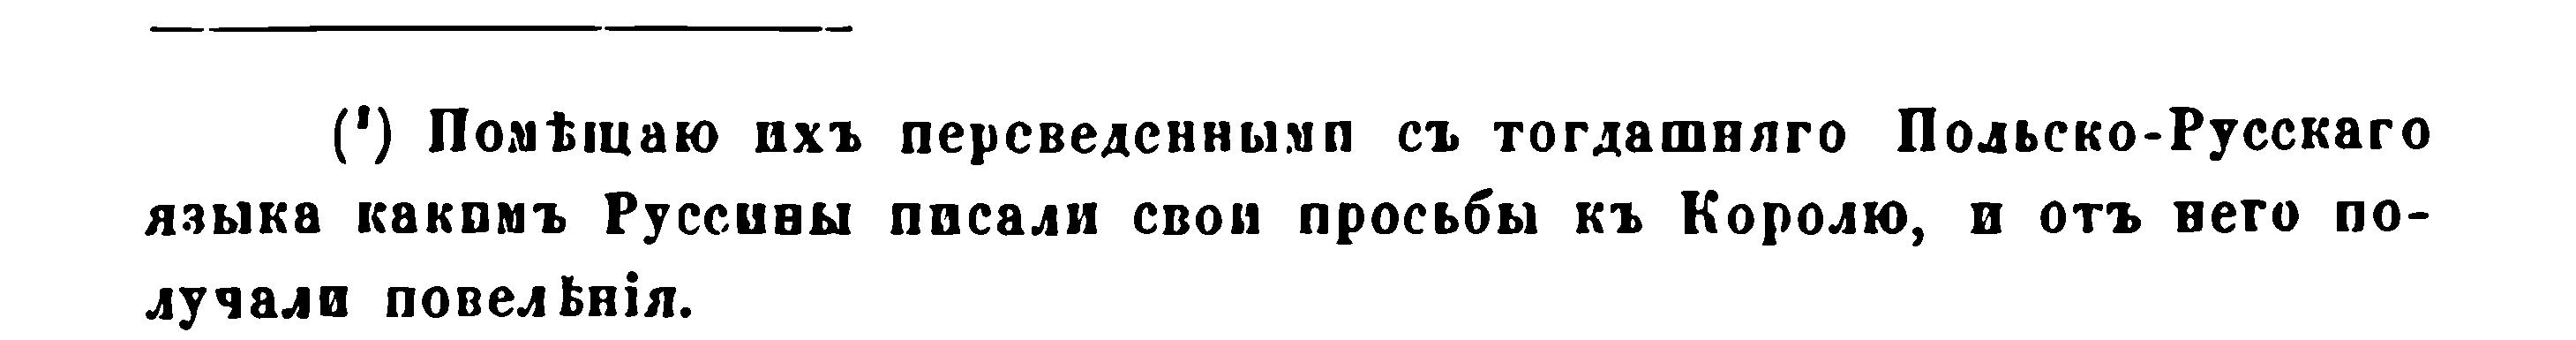 Mihail_Osipovich_Bez-Kornilovich_Istoricheskie_svedeniya_o_primechatelneyshih_mestah_v_Belorussii_RuLit_Net_290313_copy_55